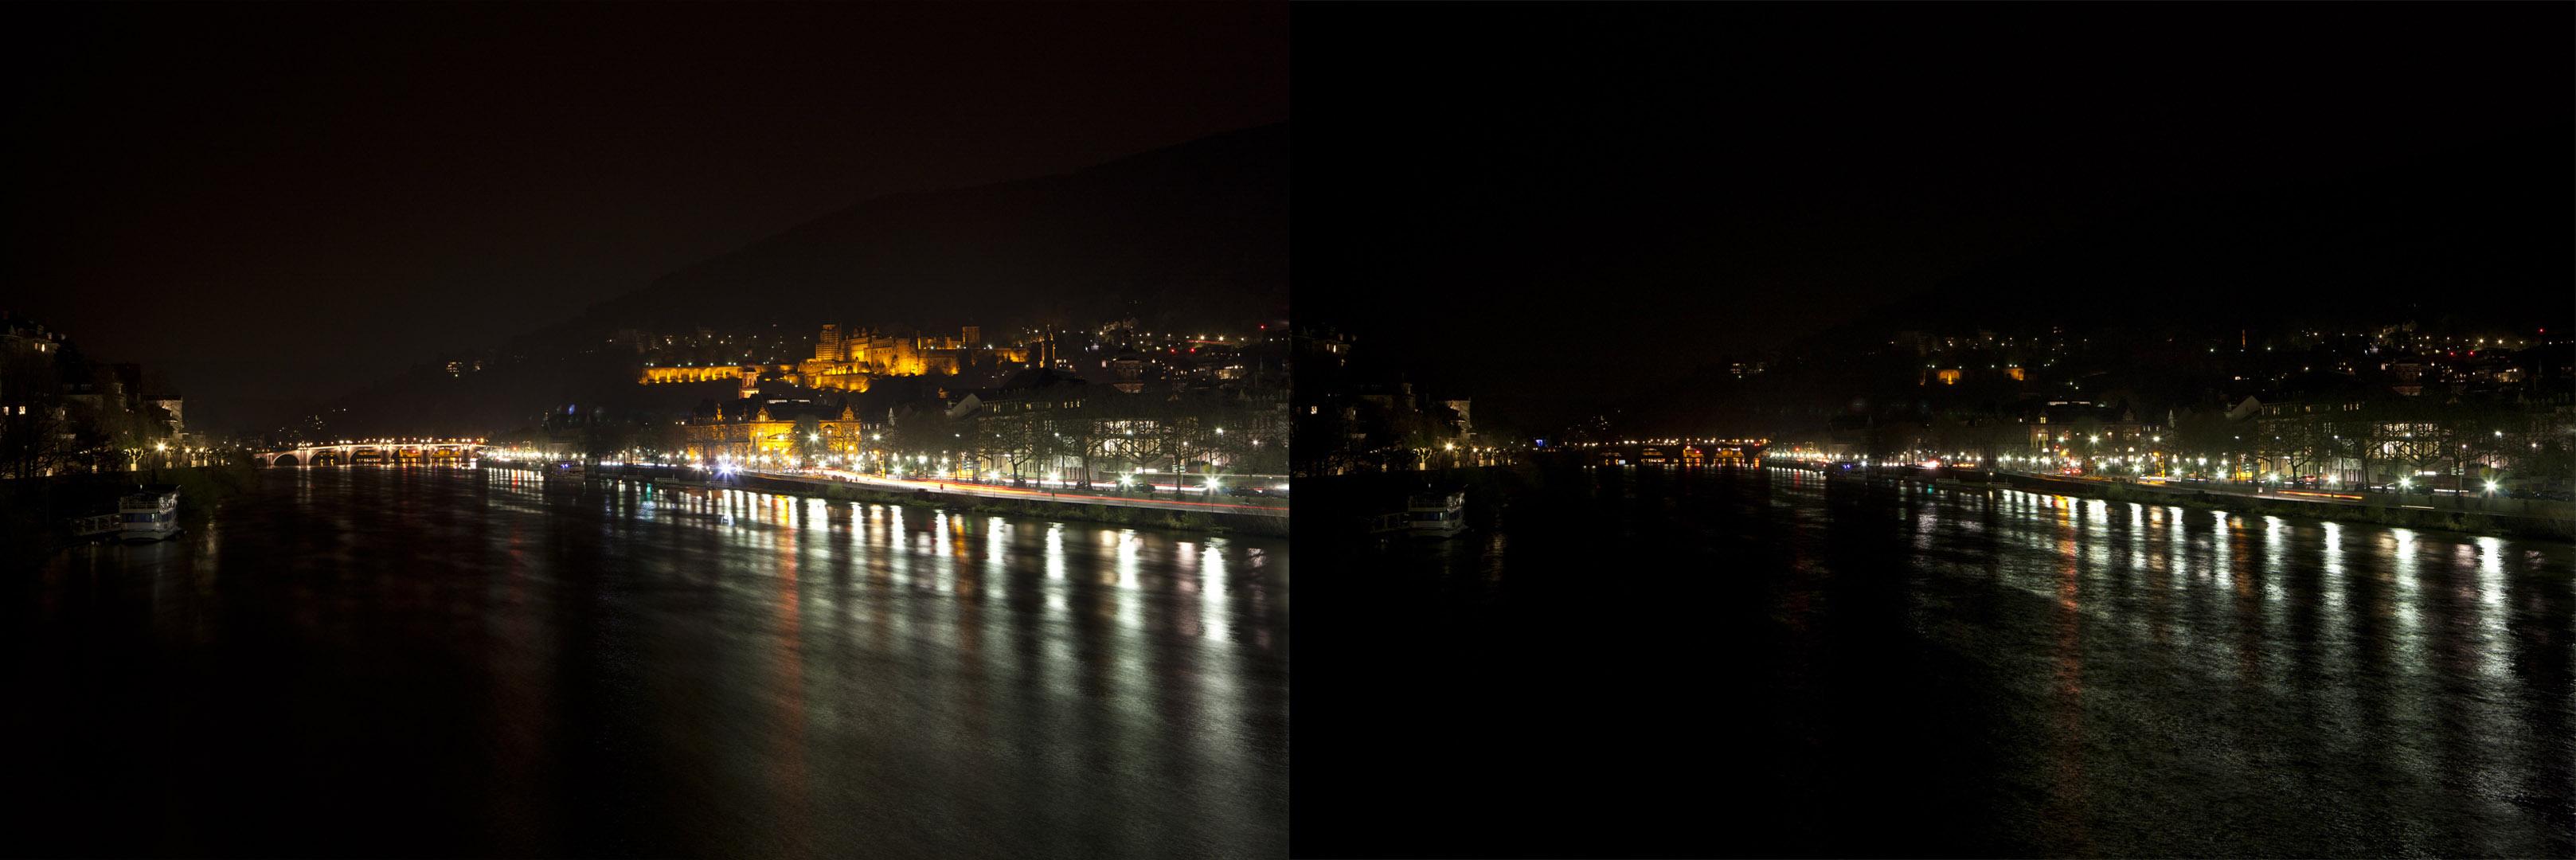 EARTH-HOUR 2011: Auch Heidelberg schaltet für 1 Stunde den Strom ab. Blick von der Theodor-Heuss-Brücke. (Foto: Buck)